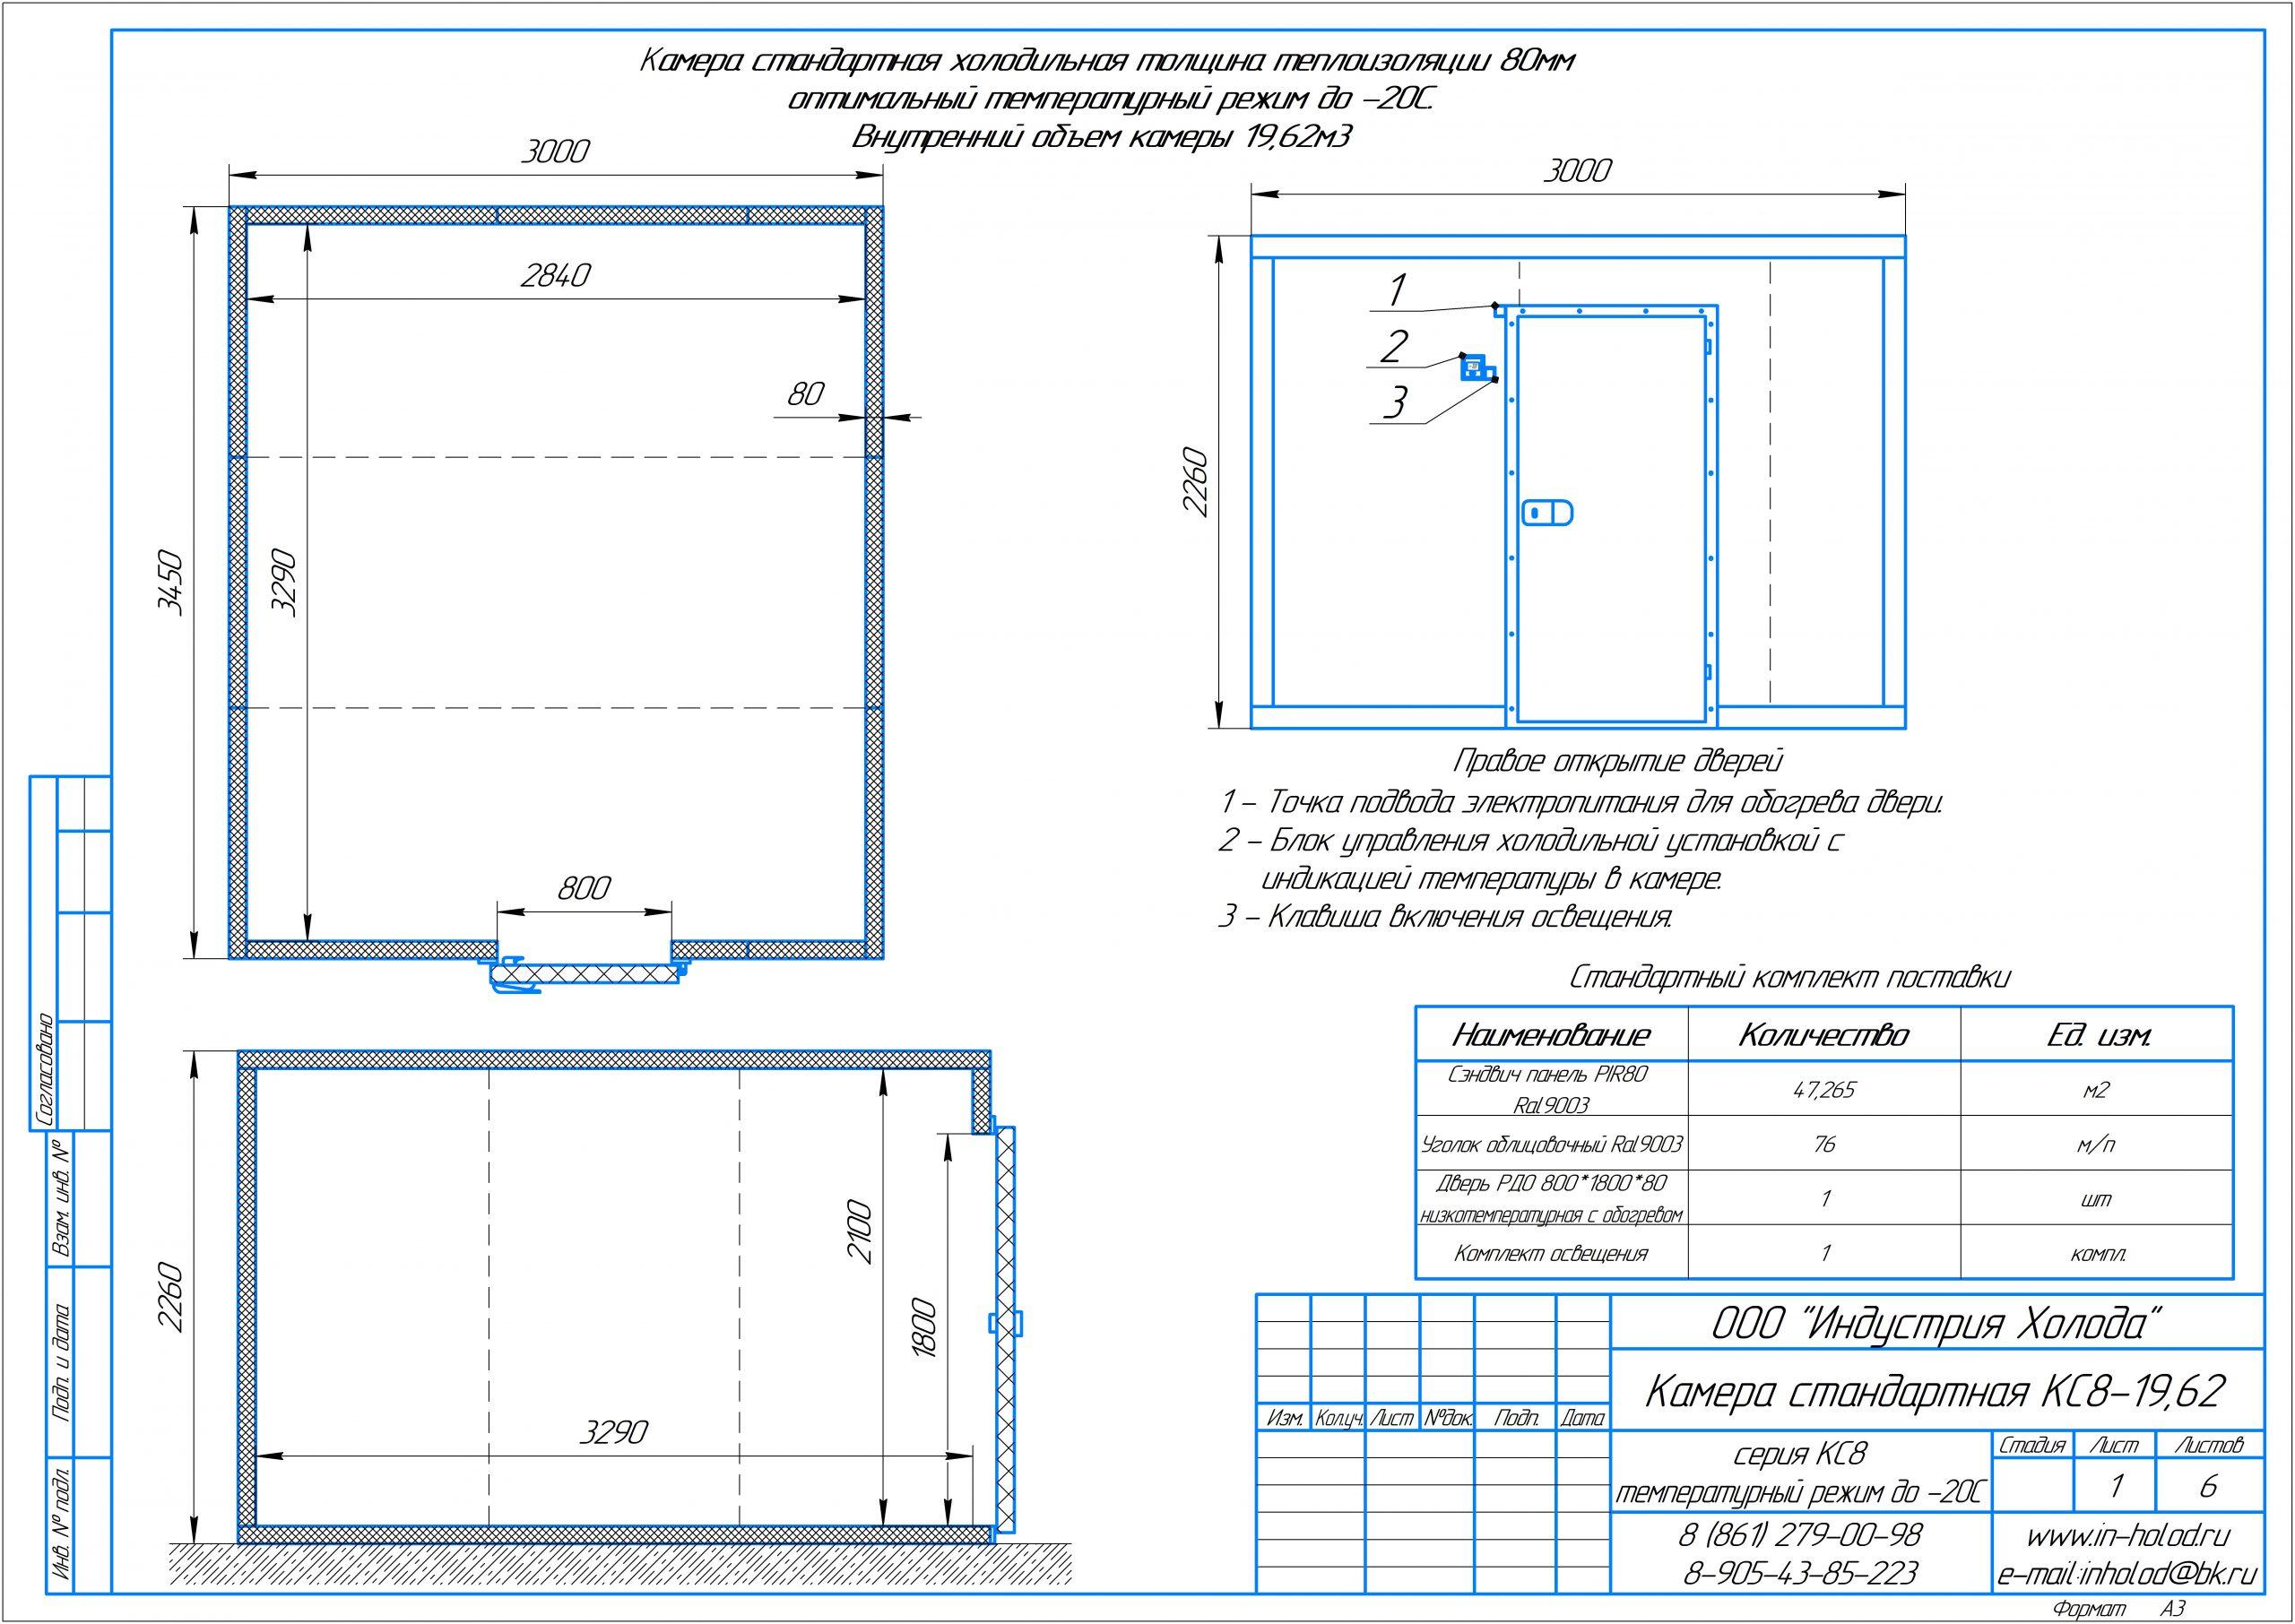 Холодильная камера КС8-19,62 - технологическая схема